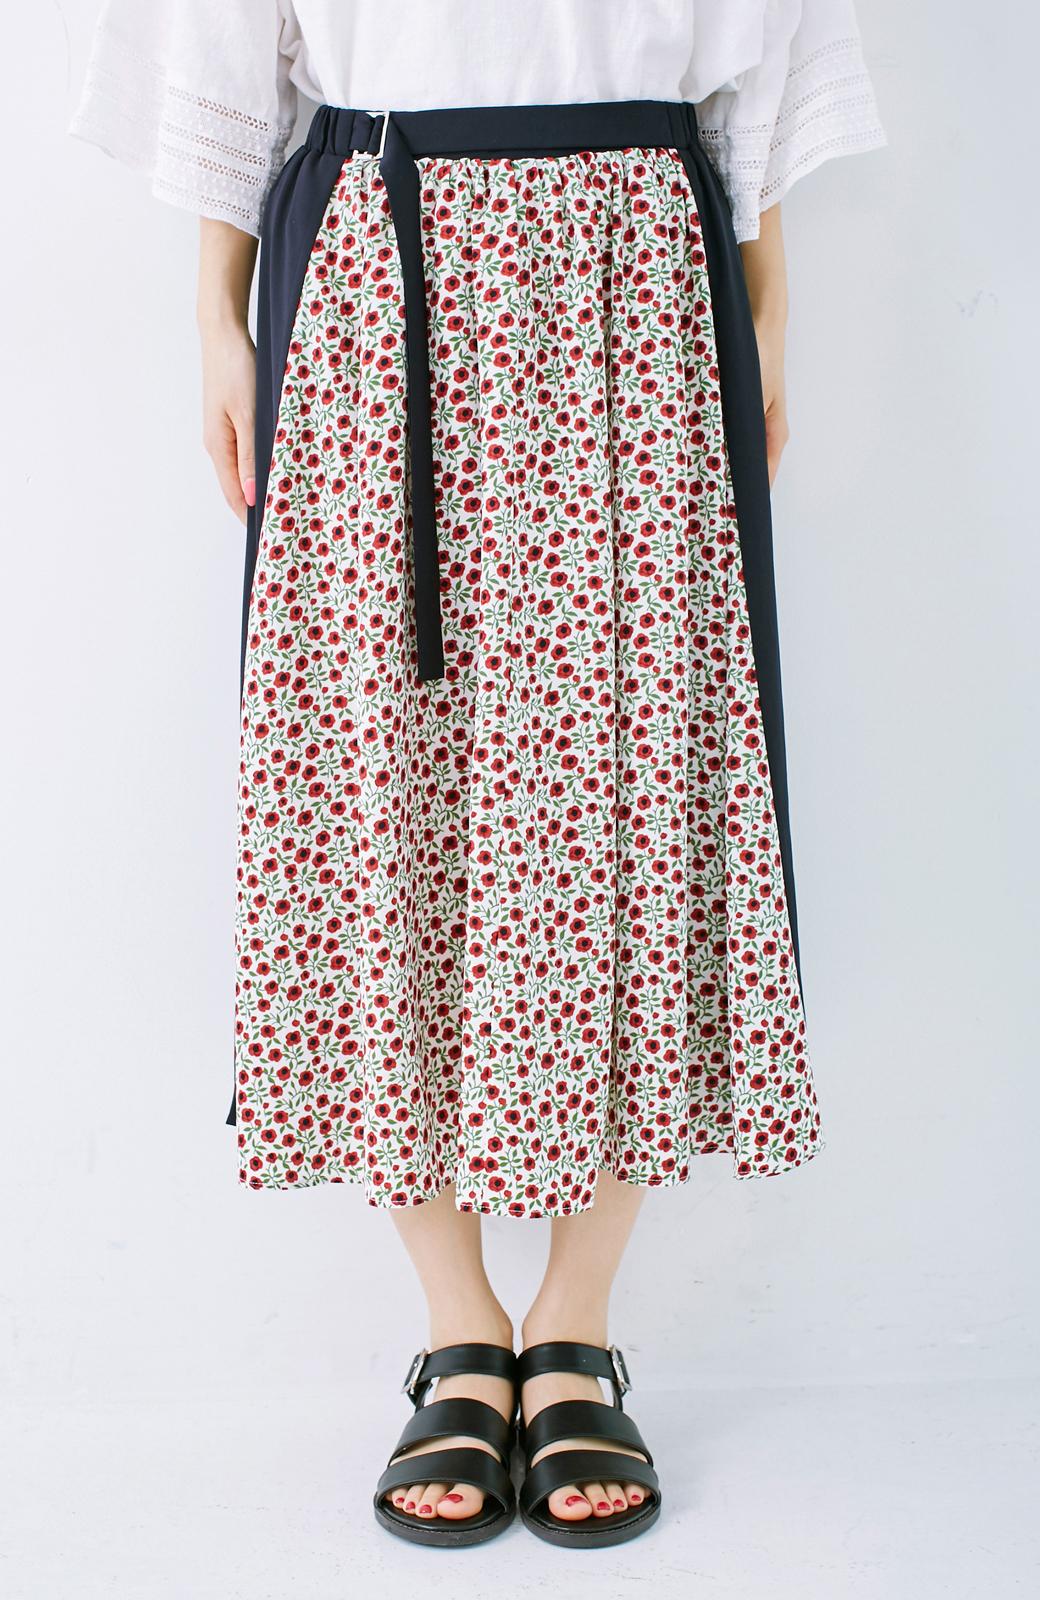 エムトロワ 大人っぽく柄を楽しめる 花柄&カラーコンビのフレアースカート <ネイビー>の商品写真2